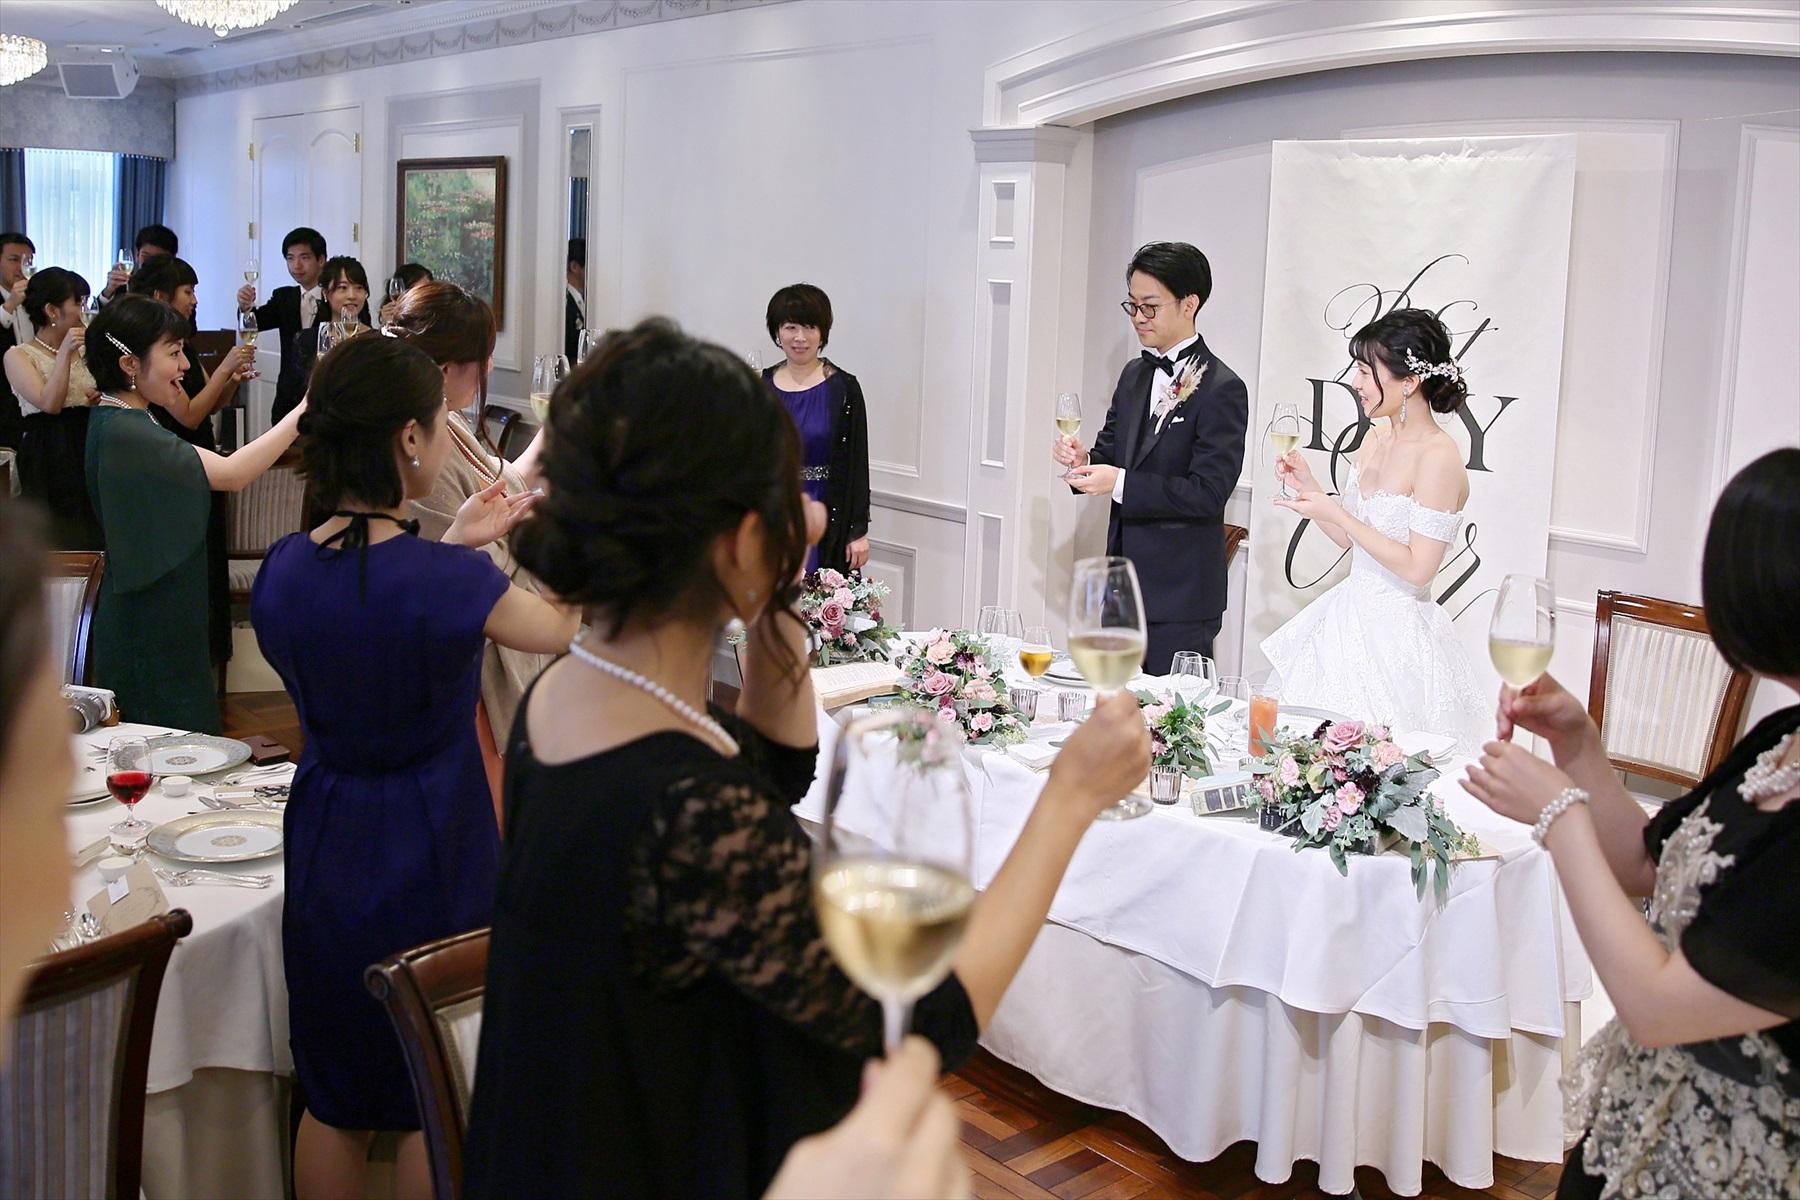 アニバーサリーアン恵比寿 カップルレポート パーティ ご新郎ご新婦 乾杯